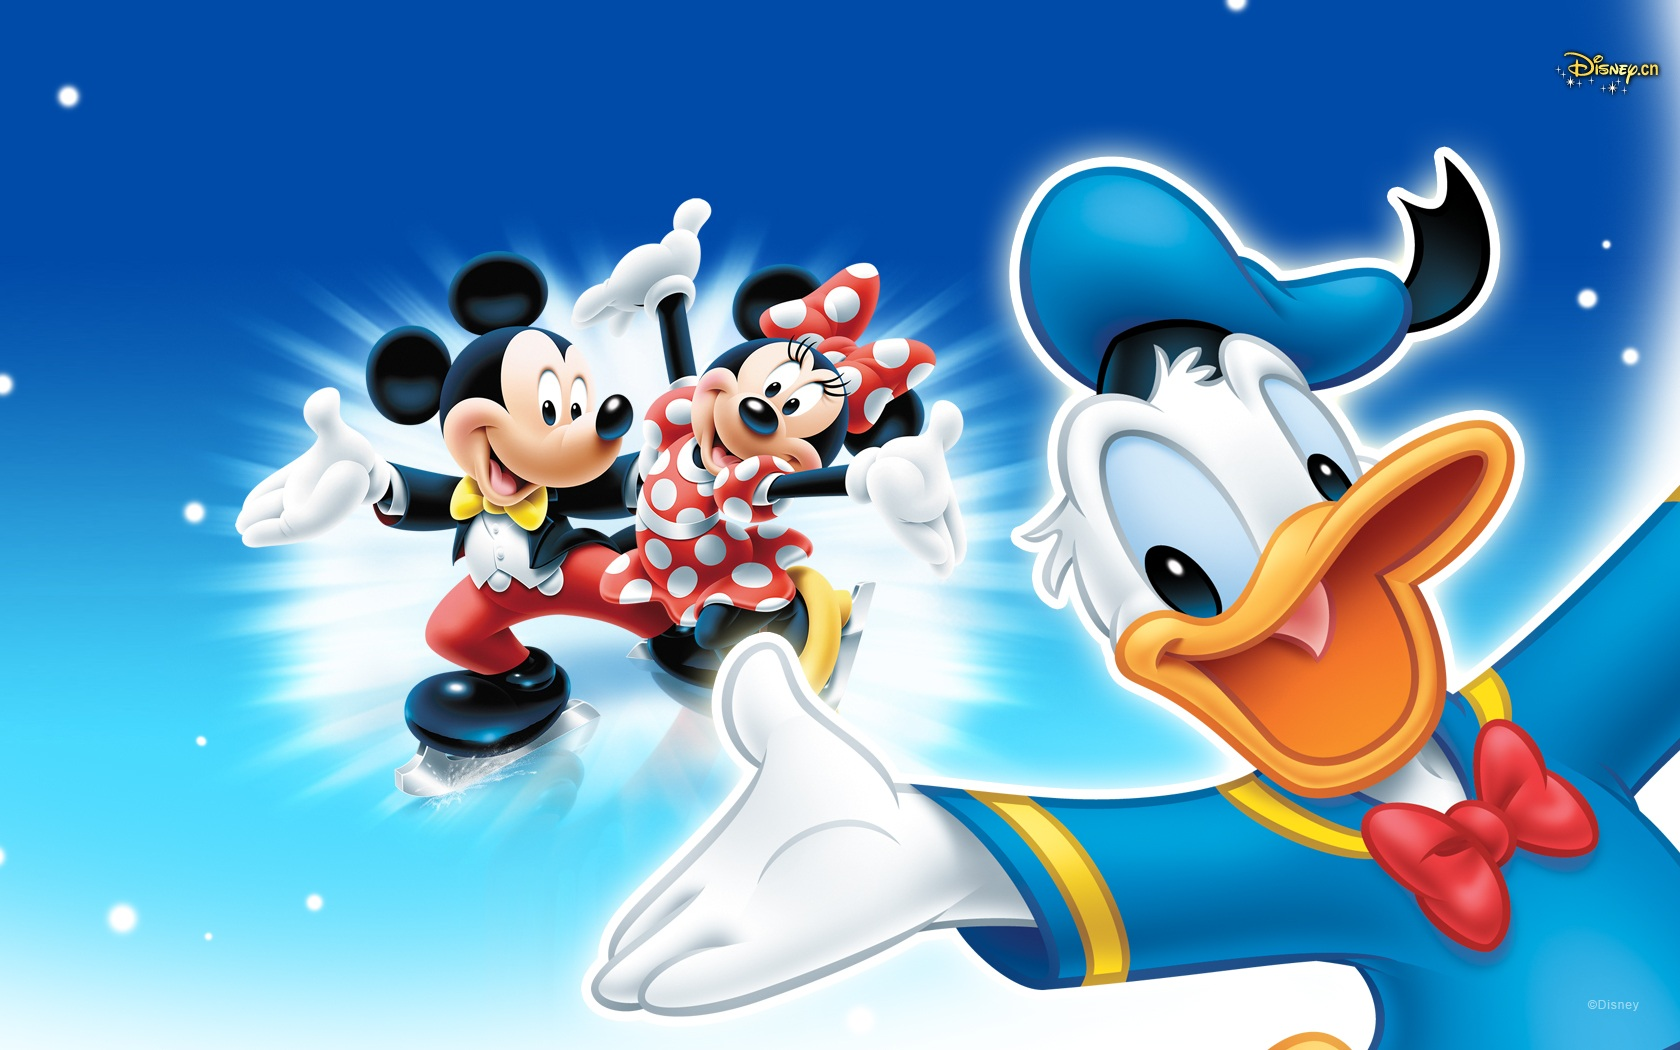 ミッキーマウス・ミニーマウスと一緒のドナルドダック高画質壁紙です。